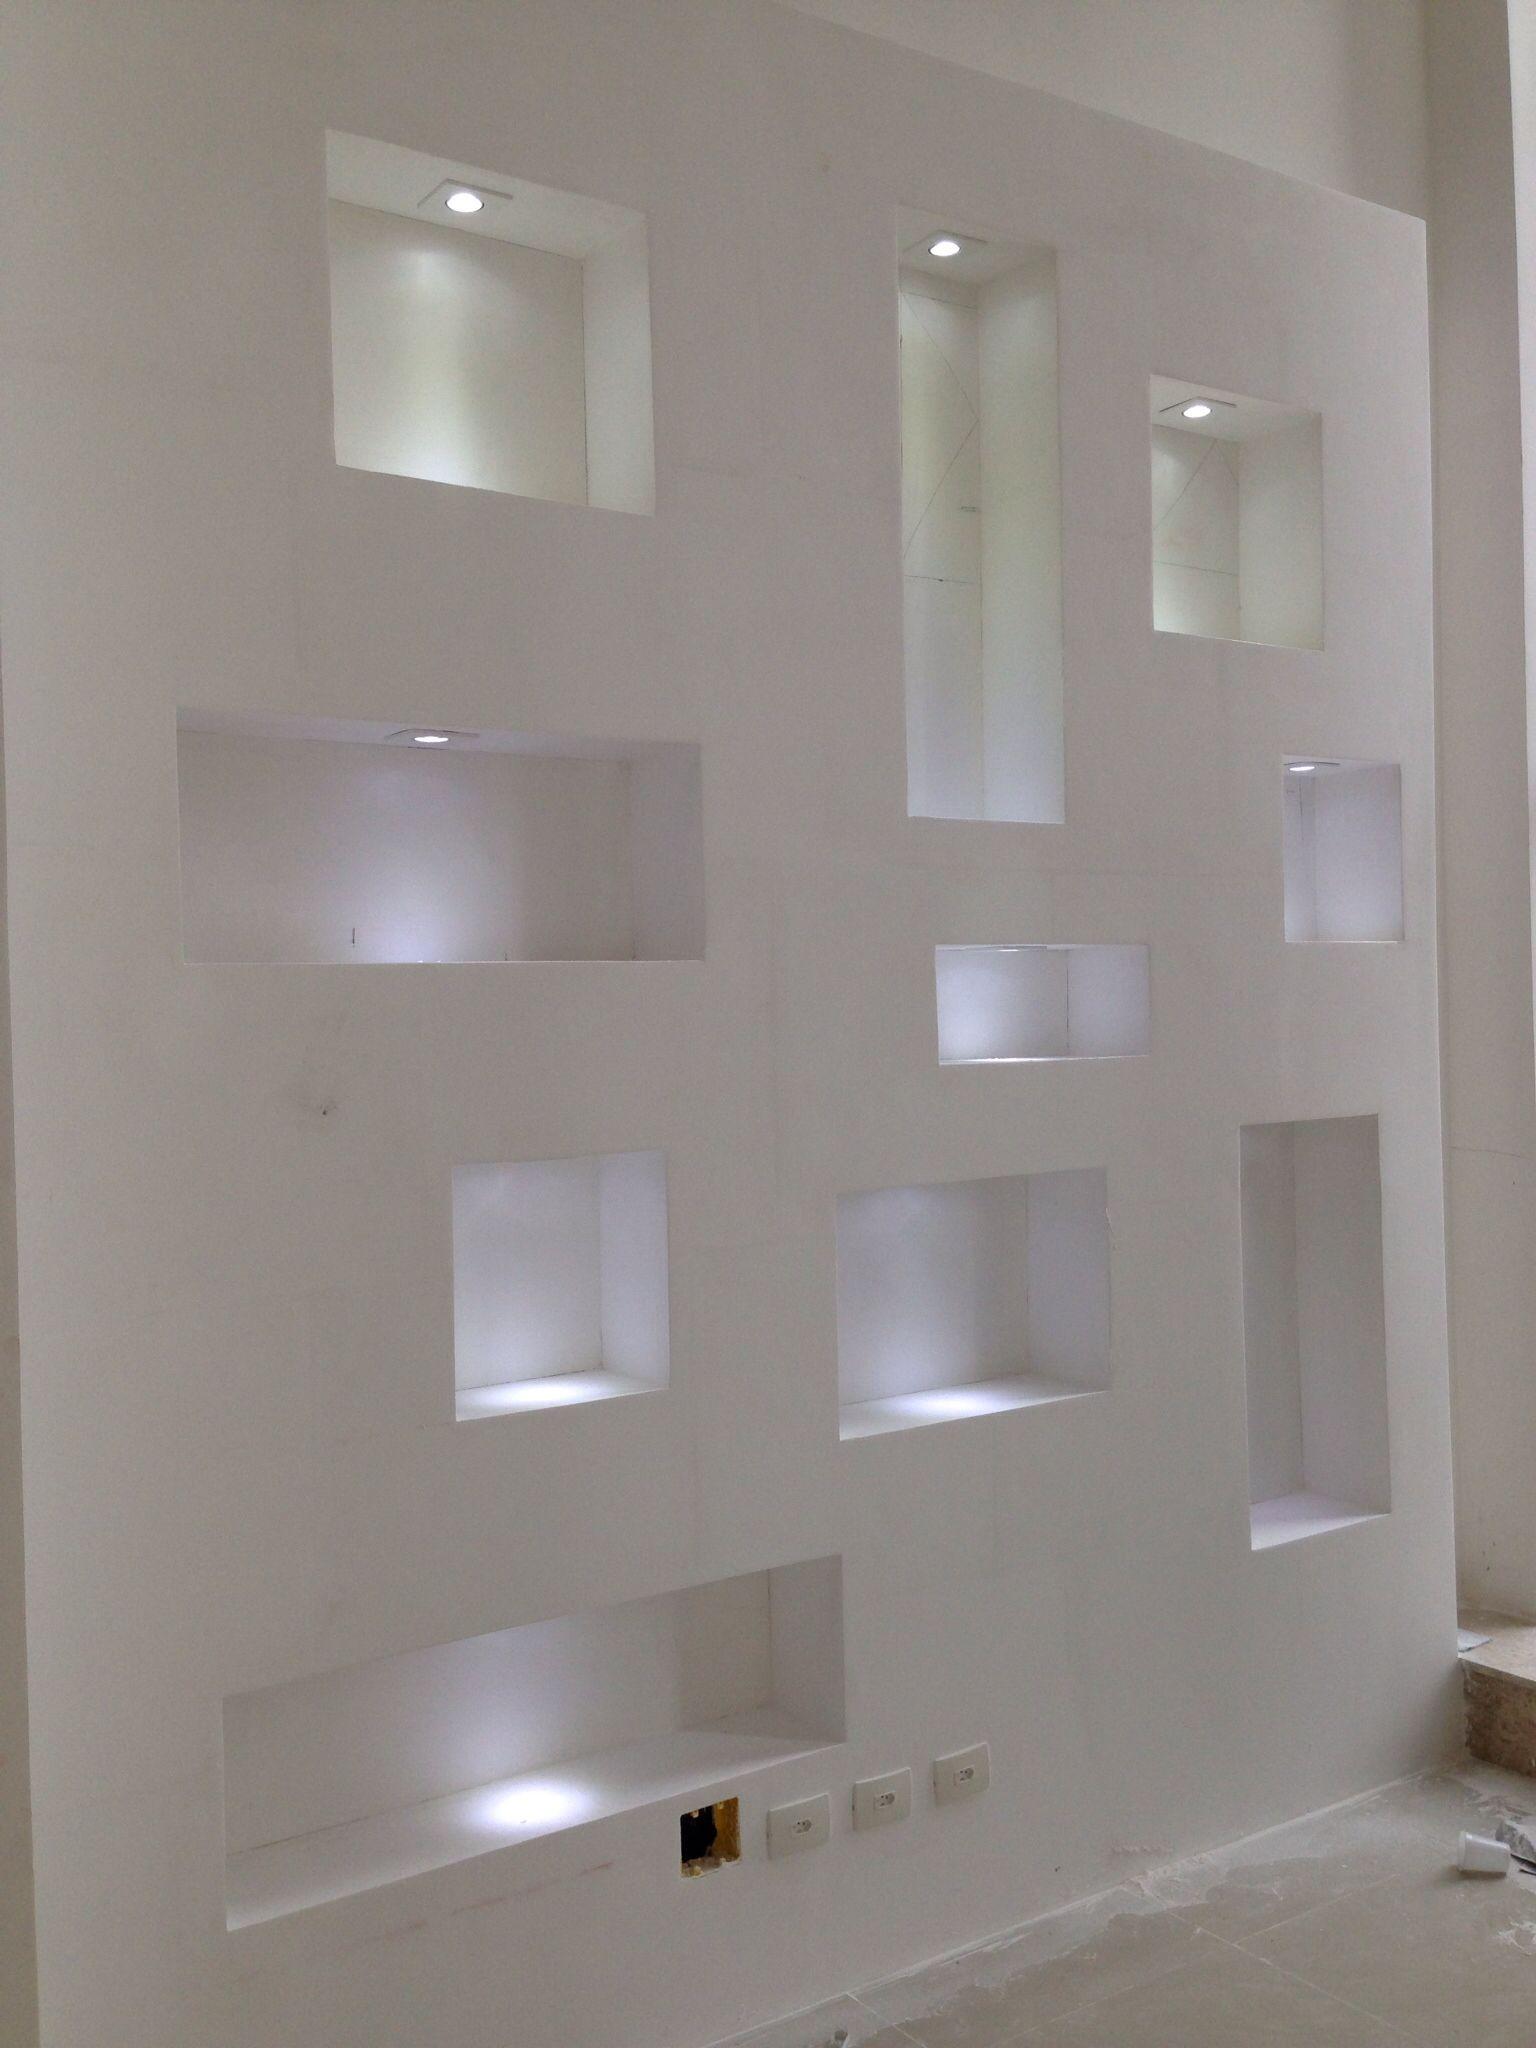 Parede com nichos iluminados ideias casa pinterest - Pladur para exteriores ...